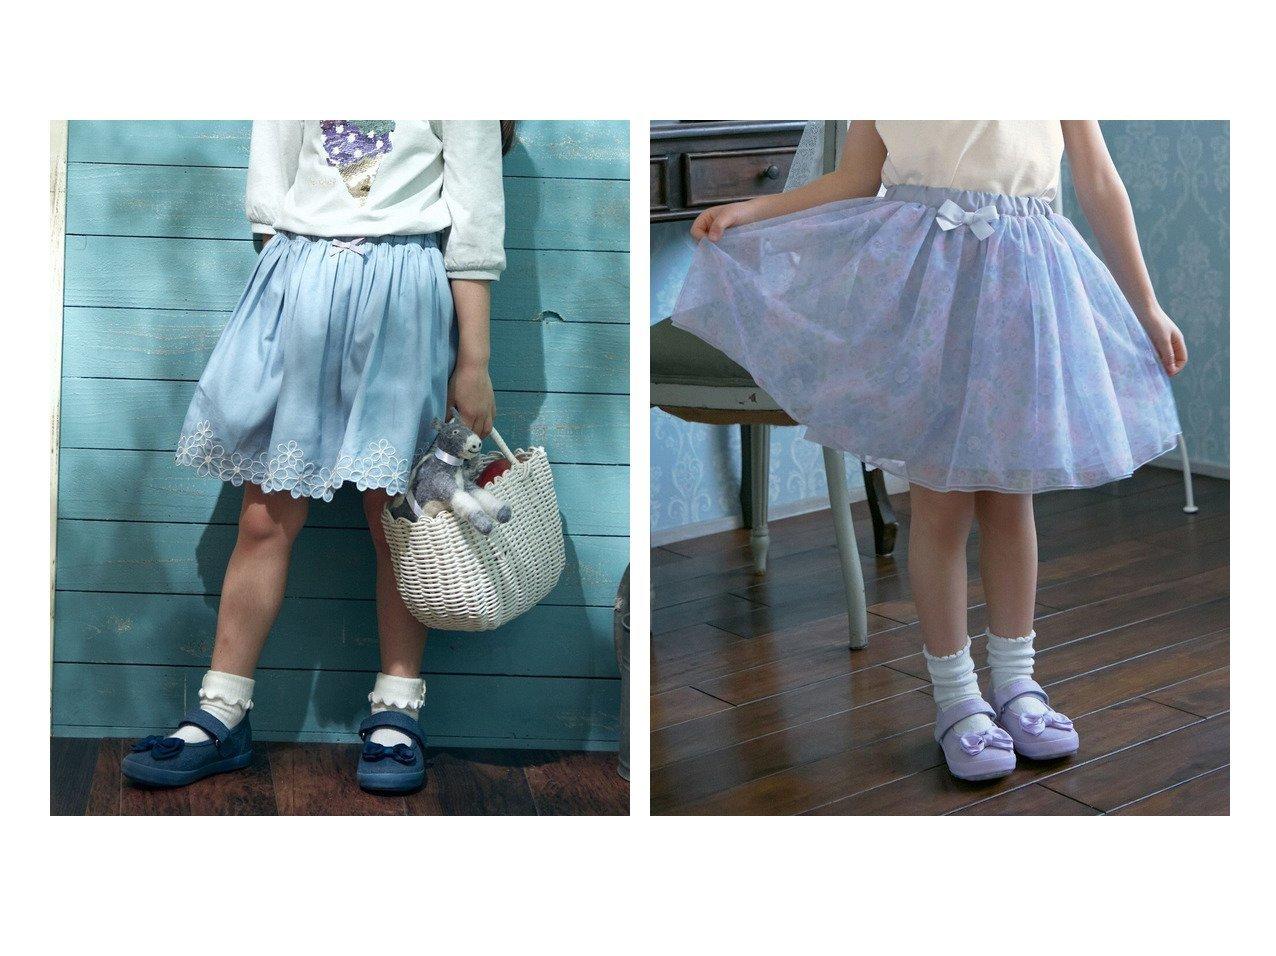 【anyFAM / KIDS/エニファム】のスカラップ刺繍 スカパン&リボン付き チュールスカート 【KIDS】子供服のおすすめ!人気トレンド・キッズファッションの通販 おすすめで人気の流行・トレンド、ファッションの通販商品 メンズファッション・キッズファッション・インテリア・家具・レディースファッション・服の通販 founy(ファニー) https://founy.com/ ファッション Fashion キッズファッション KIDS ボトムス Bottoms/Kids エレガント シンプル スウィート タイツ ダウン チュール 人気 無地 リボン レギンス 再入荷 Restock/Back in Stock/Re Arrival 送料無料 Free Shipping プチプライス・低価格 Affordable おすすめ Recommend インナー 春 Spring ショーツ スカラップ ポケット |ID:crp329100000030164